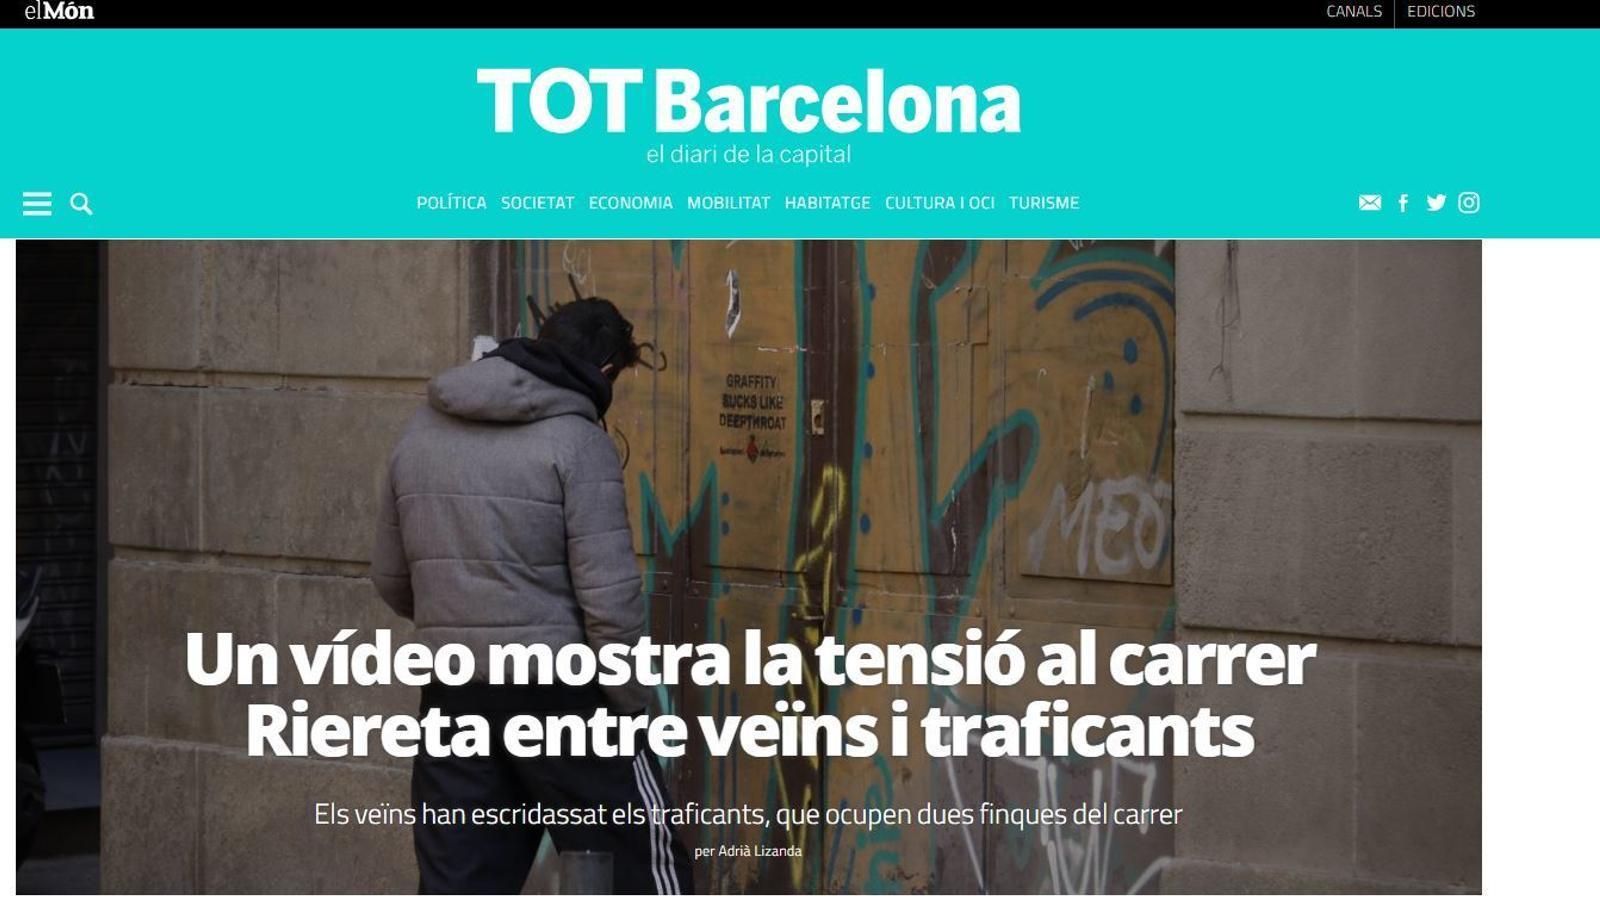 Neix 'Tot Barcelona', diari digital centrat en la capital catalana